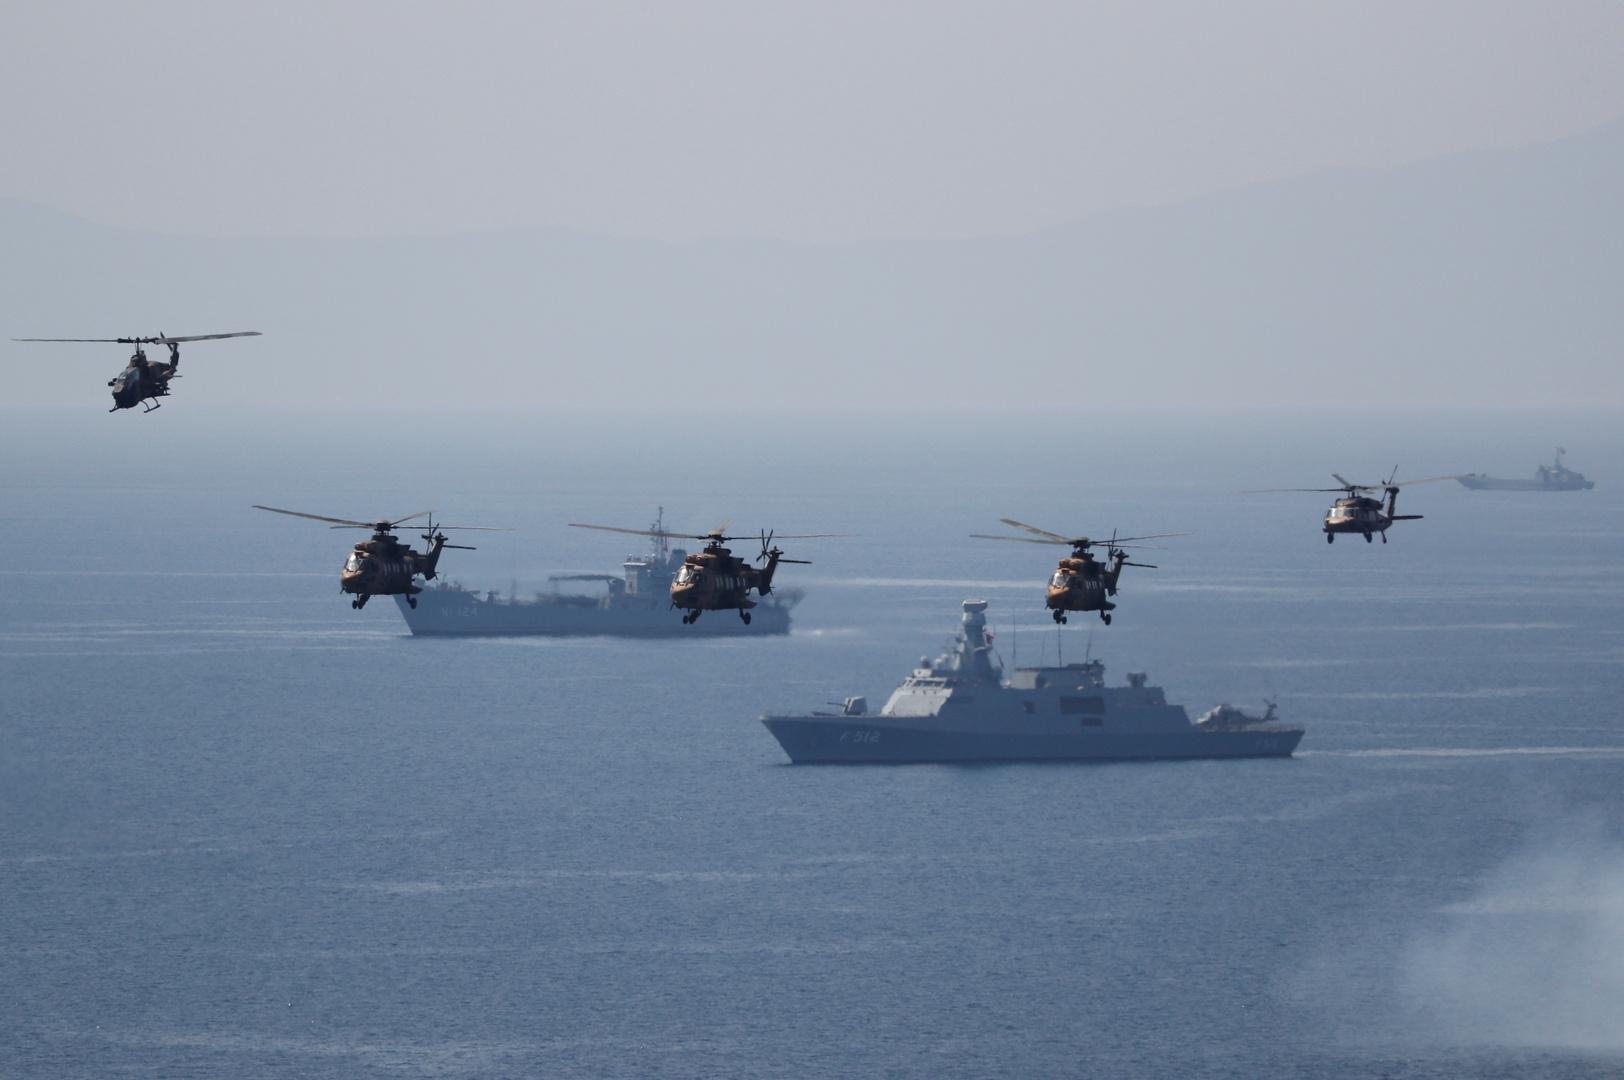 الرئاسة التركية تطلب تمديد مهمة قواتها البحرية في خليج عدن عاما إضافيا